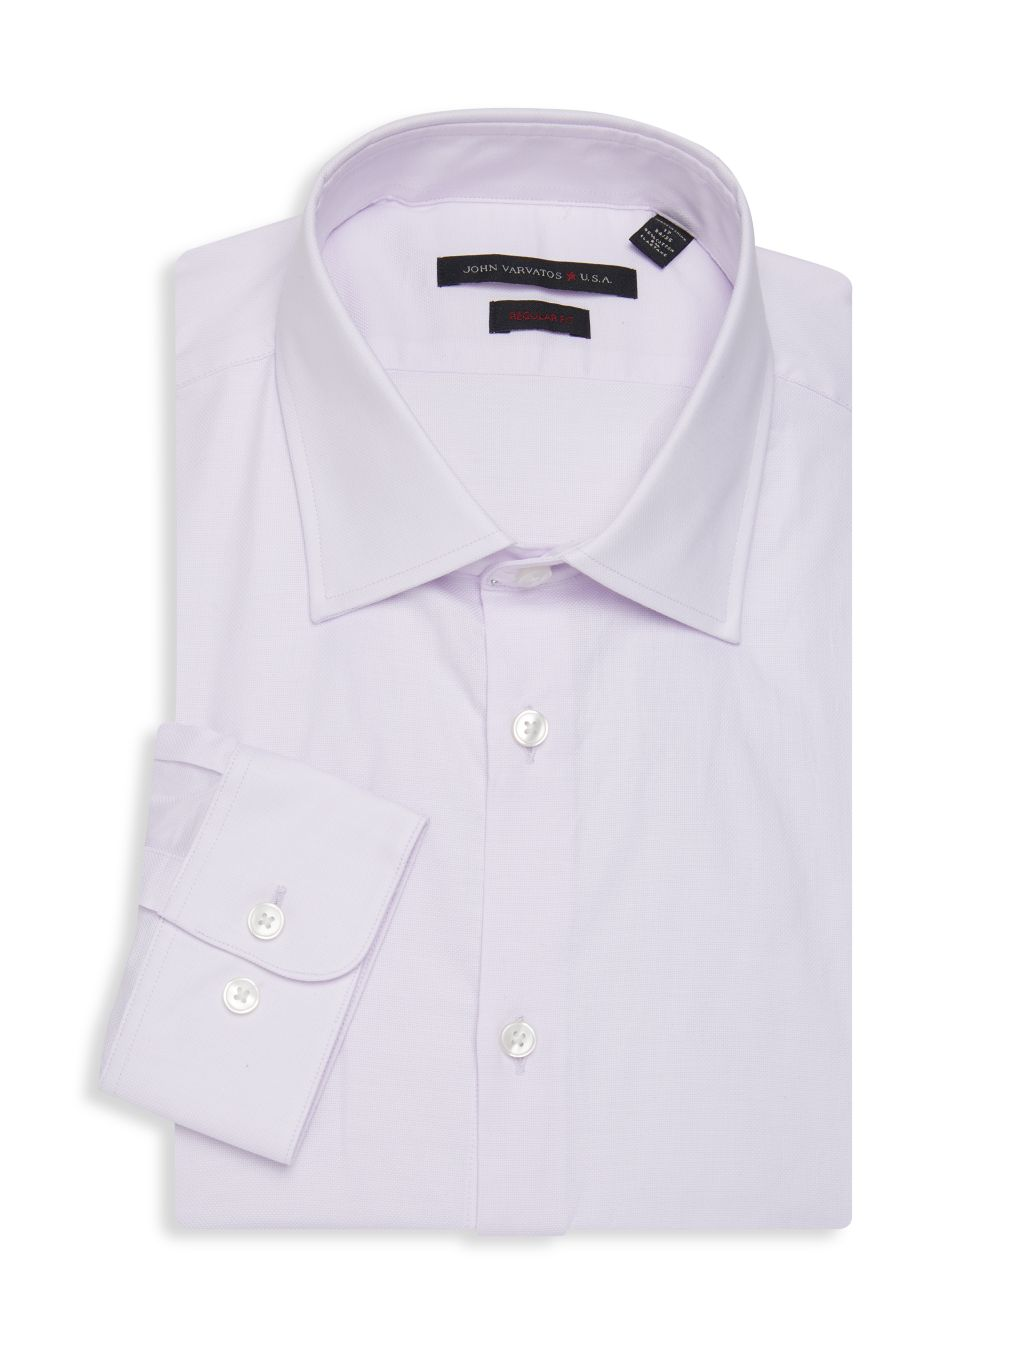 John Varvatos Star U.S.A. Regular-Fit Textured Dress Shirt